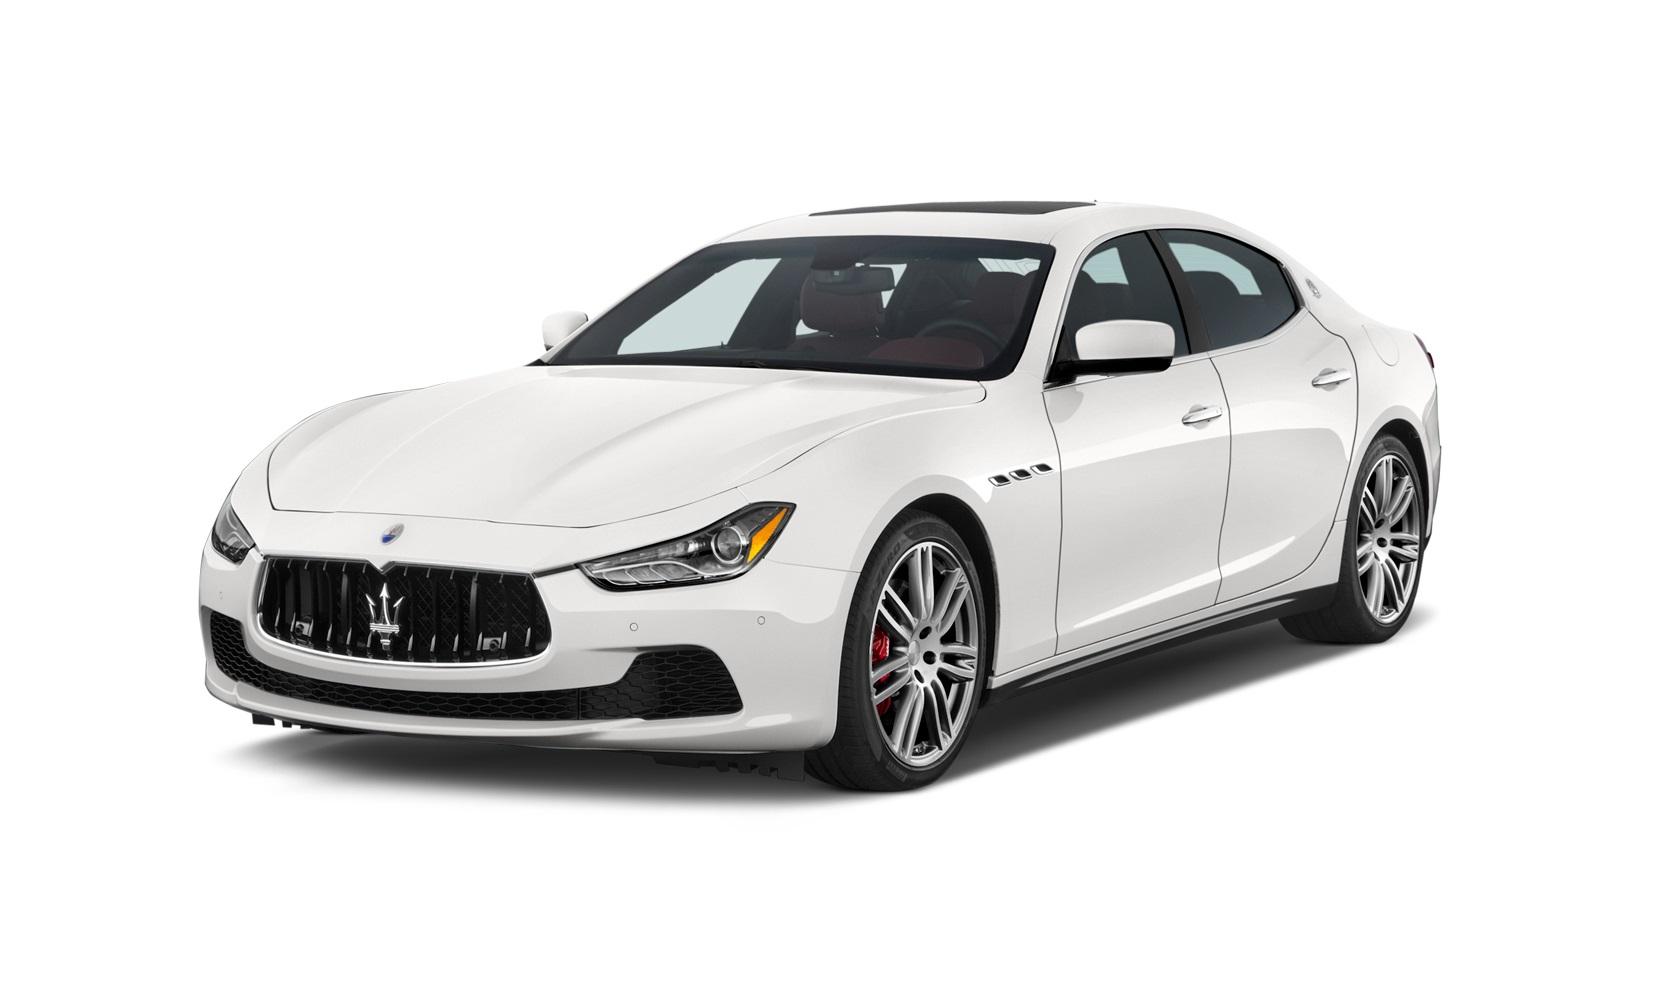 Maserati UAE - 2018 Maserati Models, Prices and Photos | YallaMotor